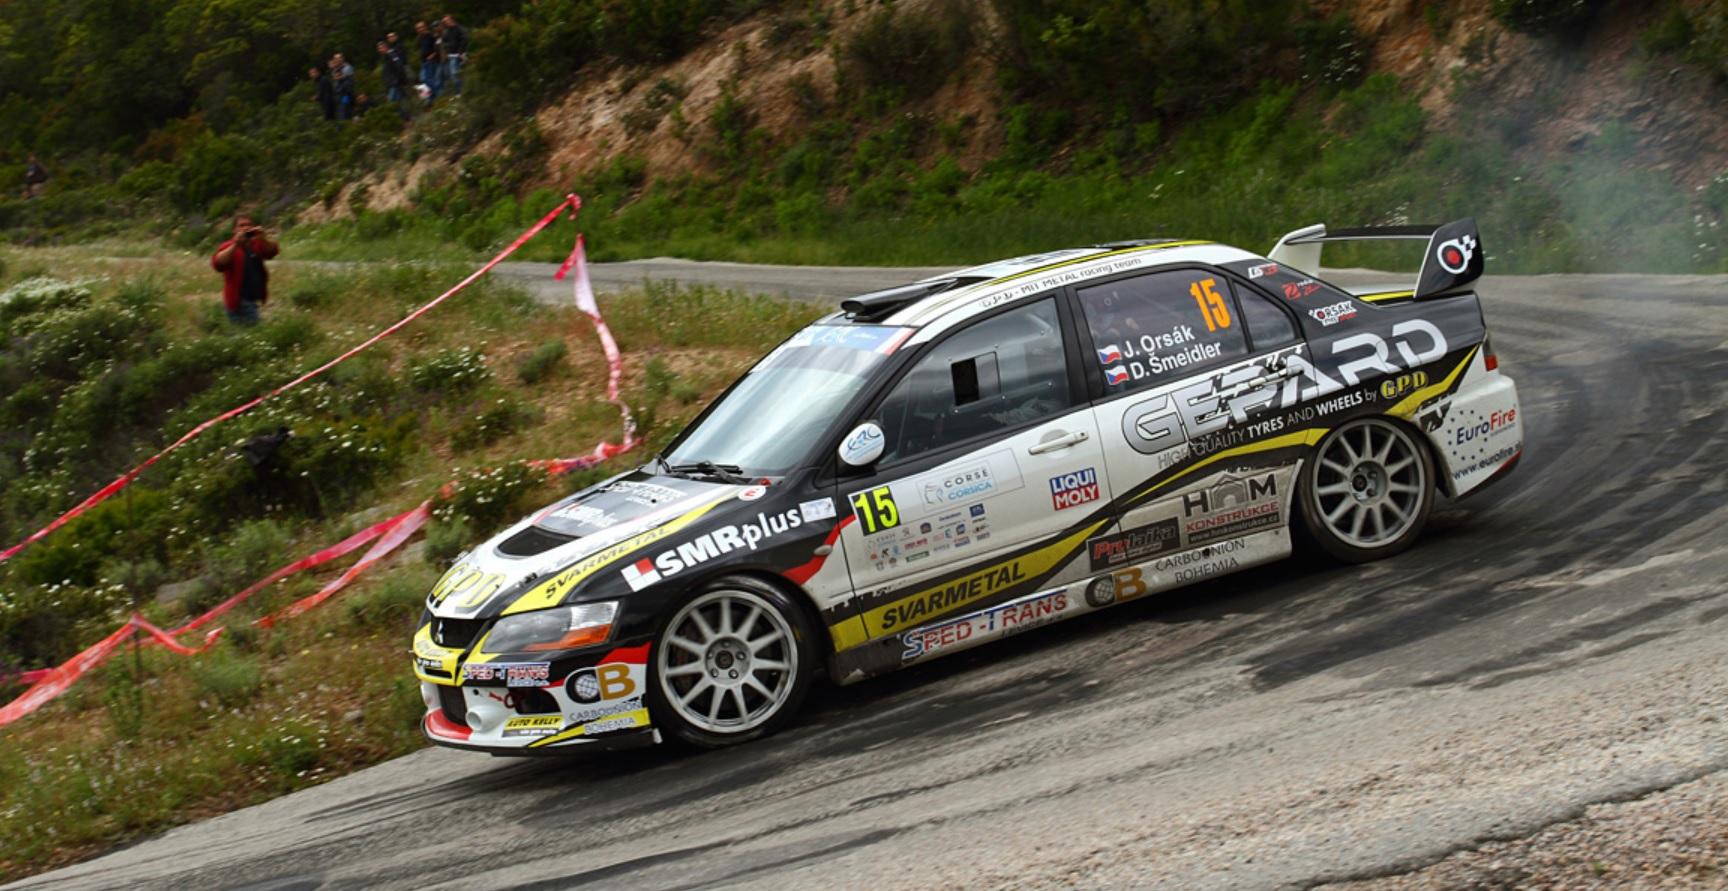 Orsak-Smeidler . Photo Rallye-Mania-cz